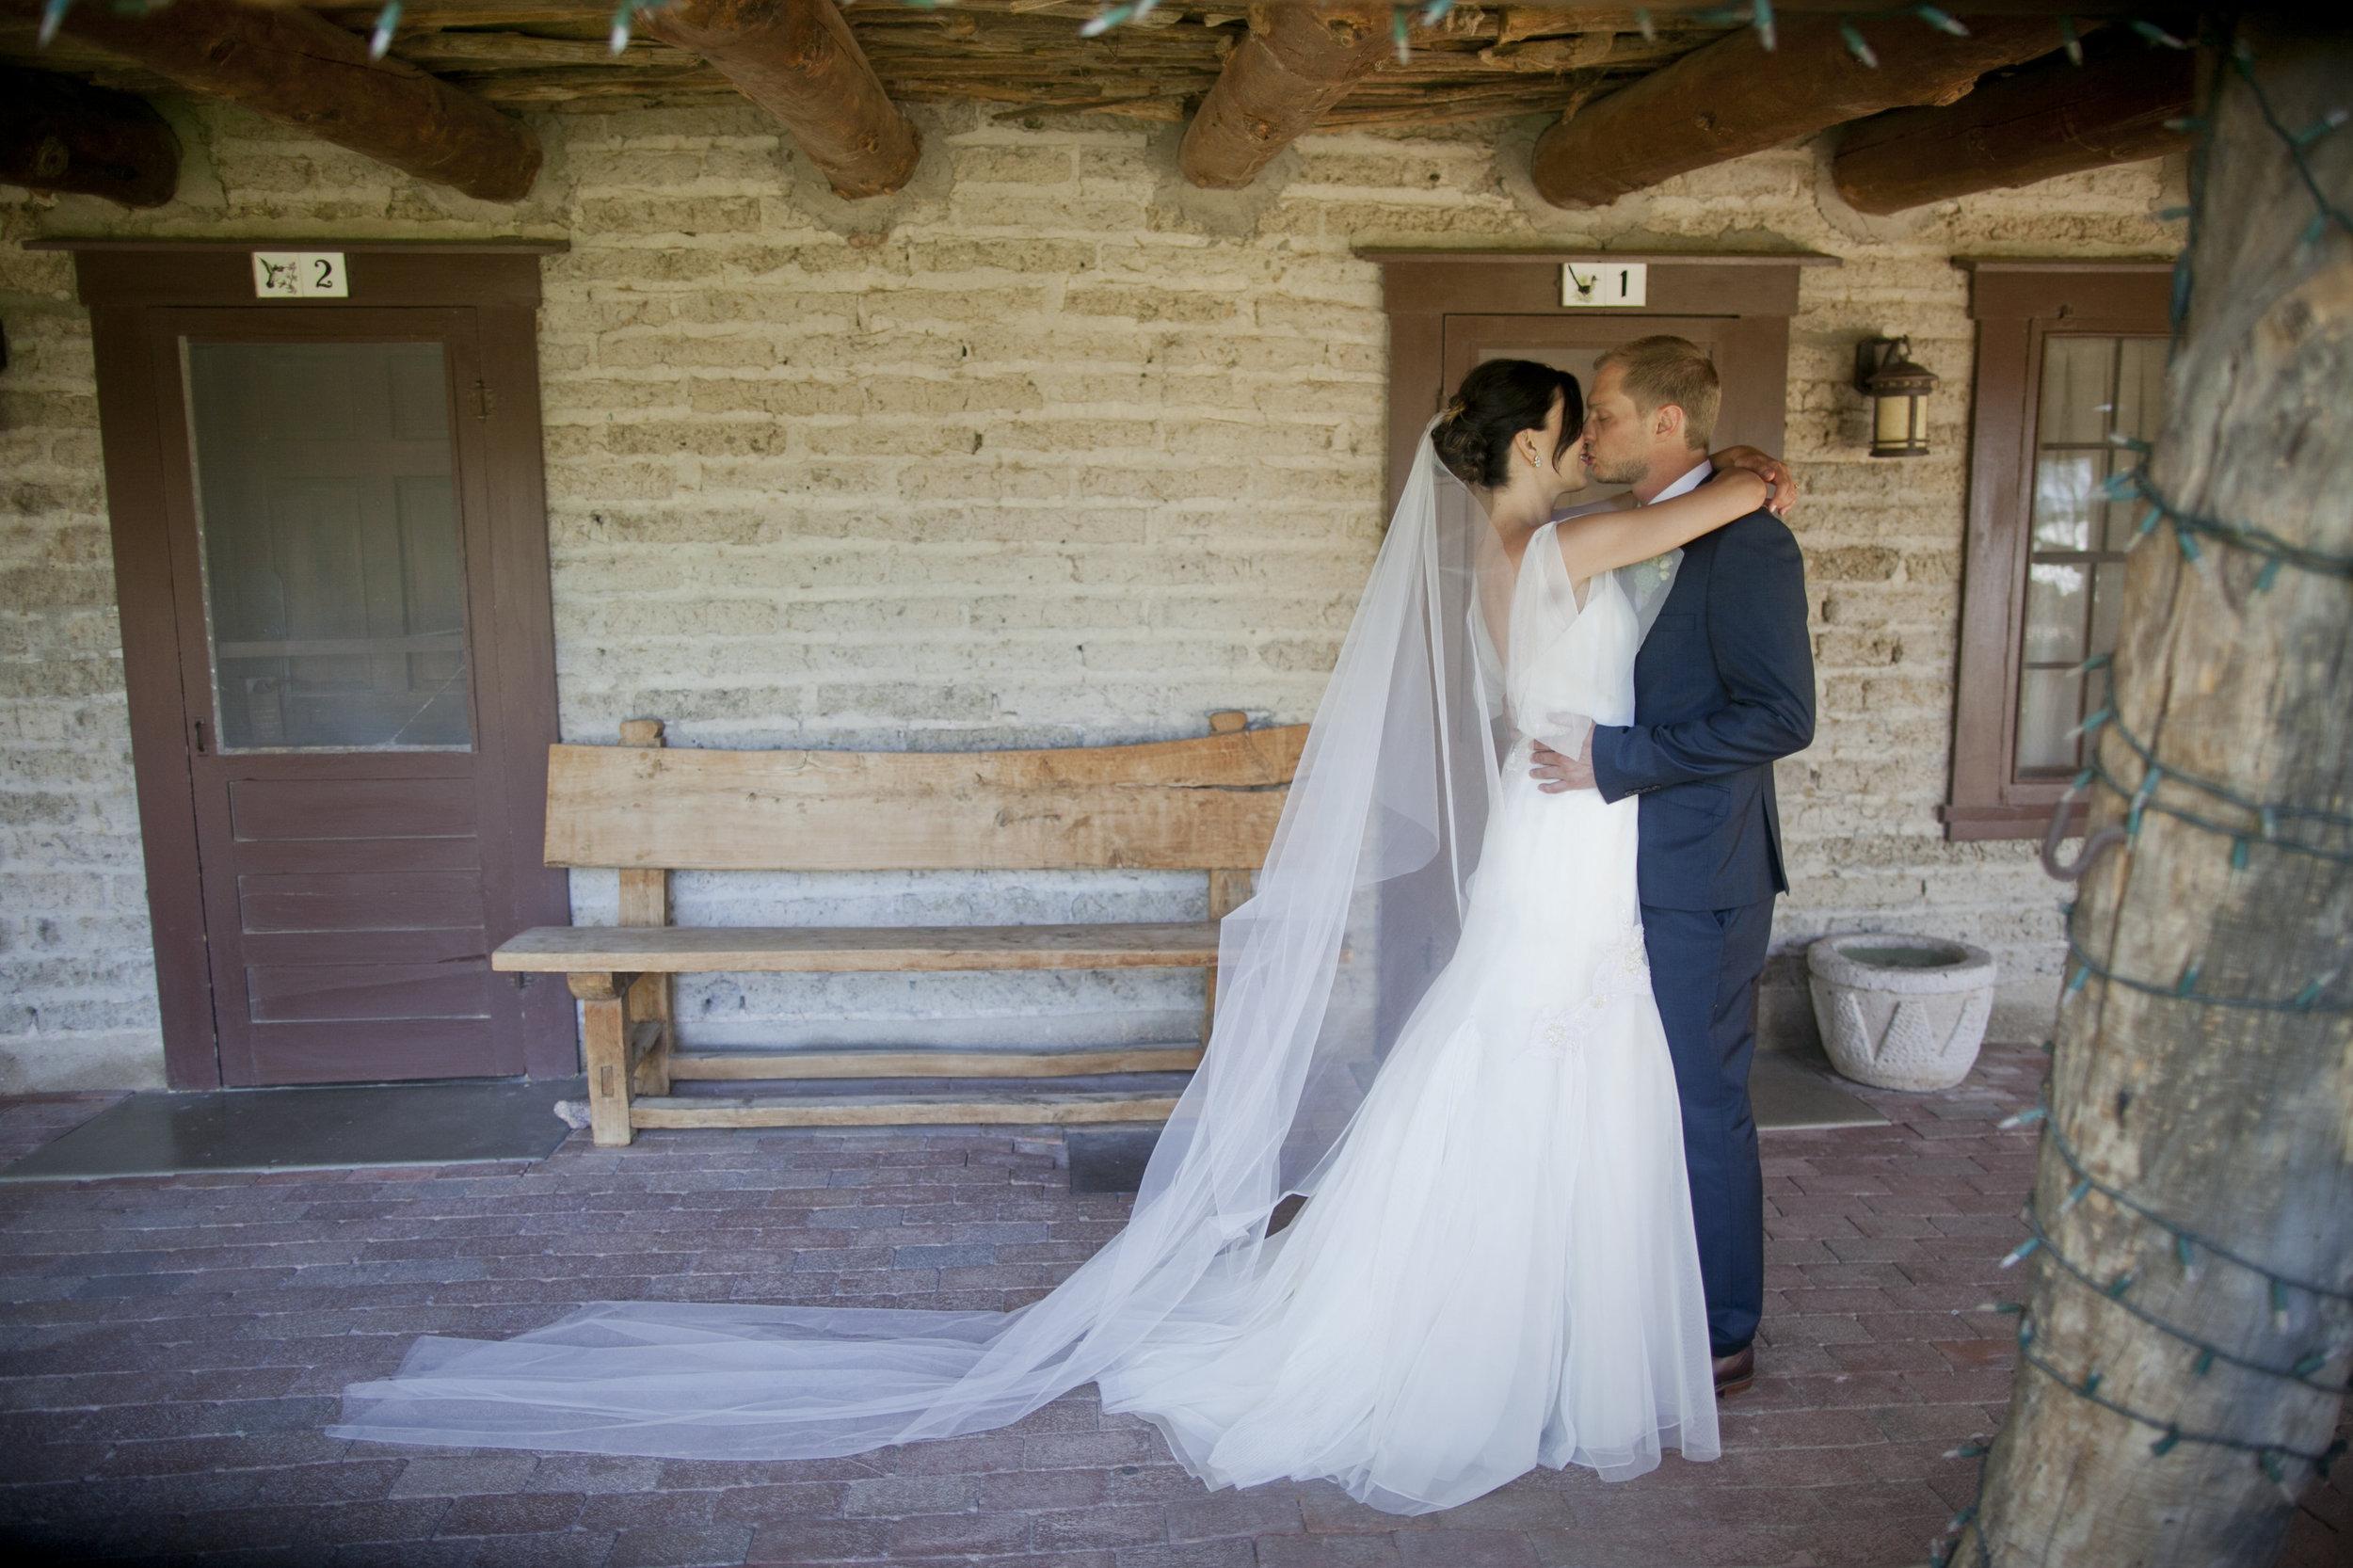 Ceci_New_York_Ceci_Style_Ceci_Johnson_Luxury_Lifestyle_Arizona_Wedding_Watercolor_Inspiration_Design_Custom_Couture_Personalized_Invitations_37.jpg